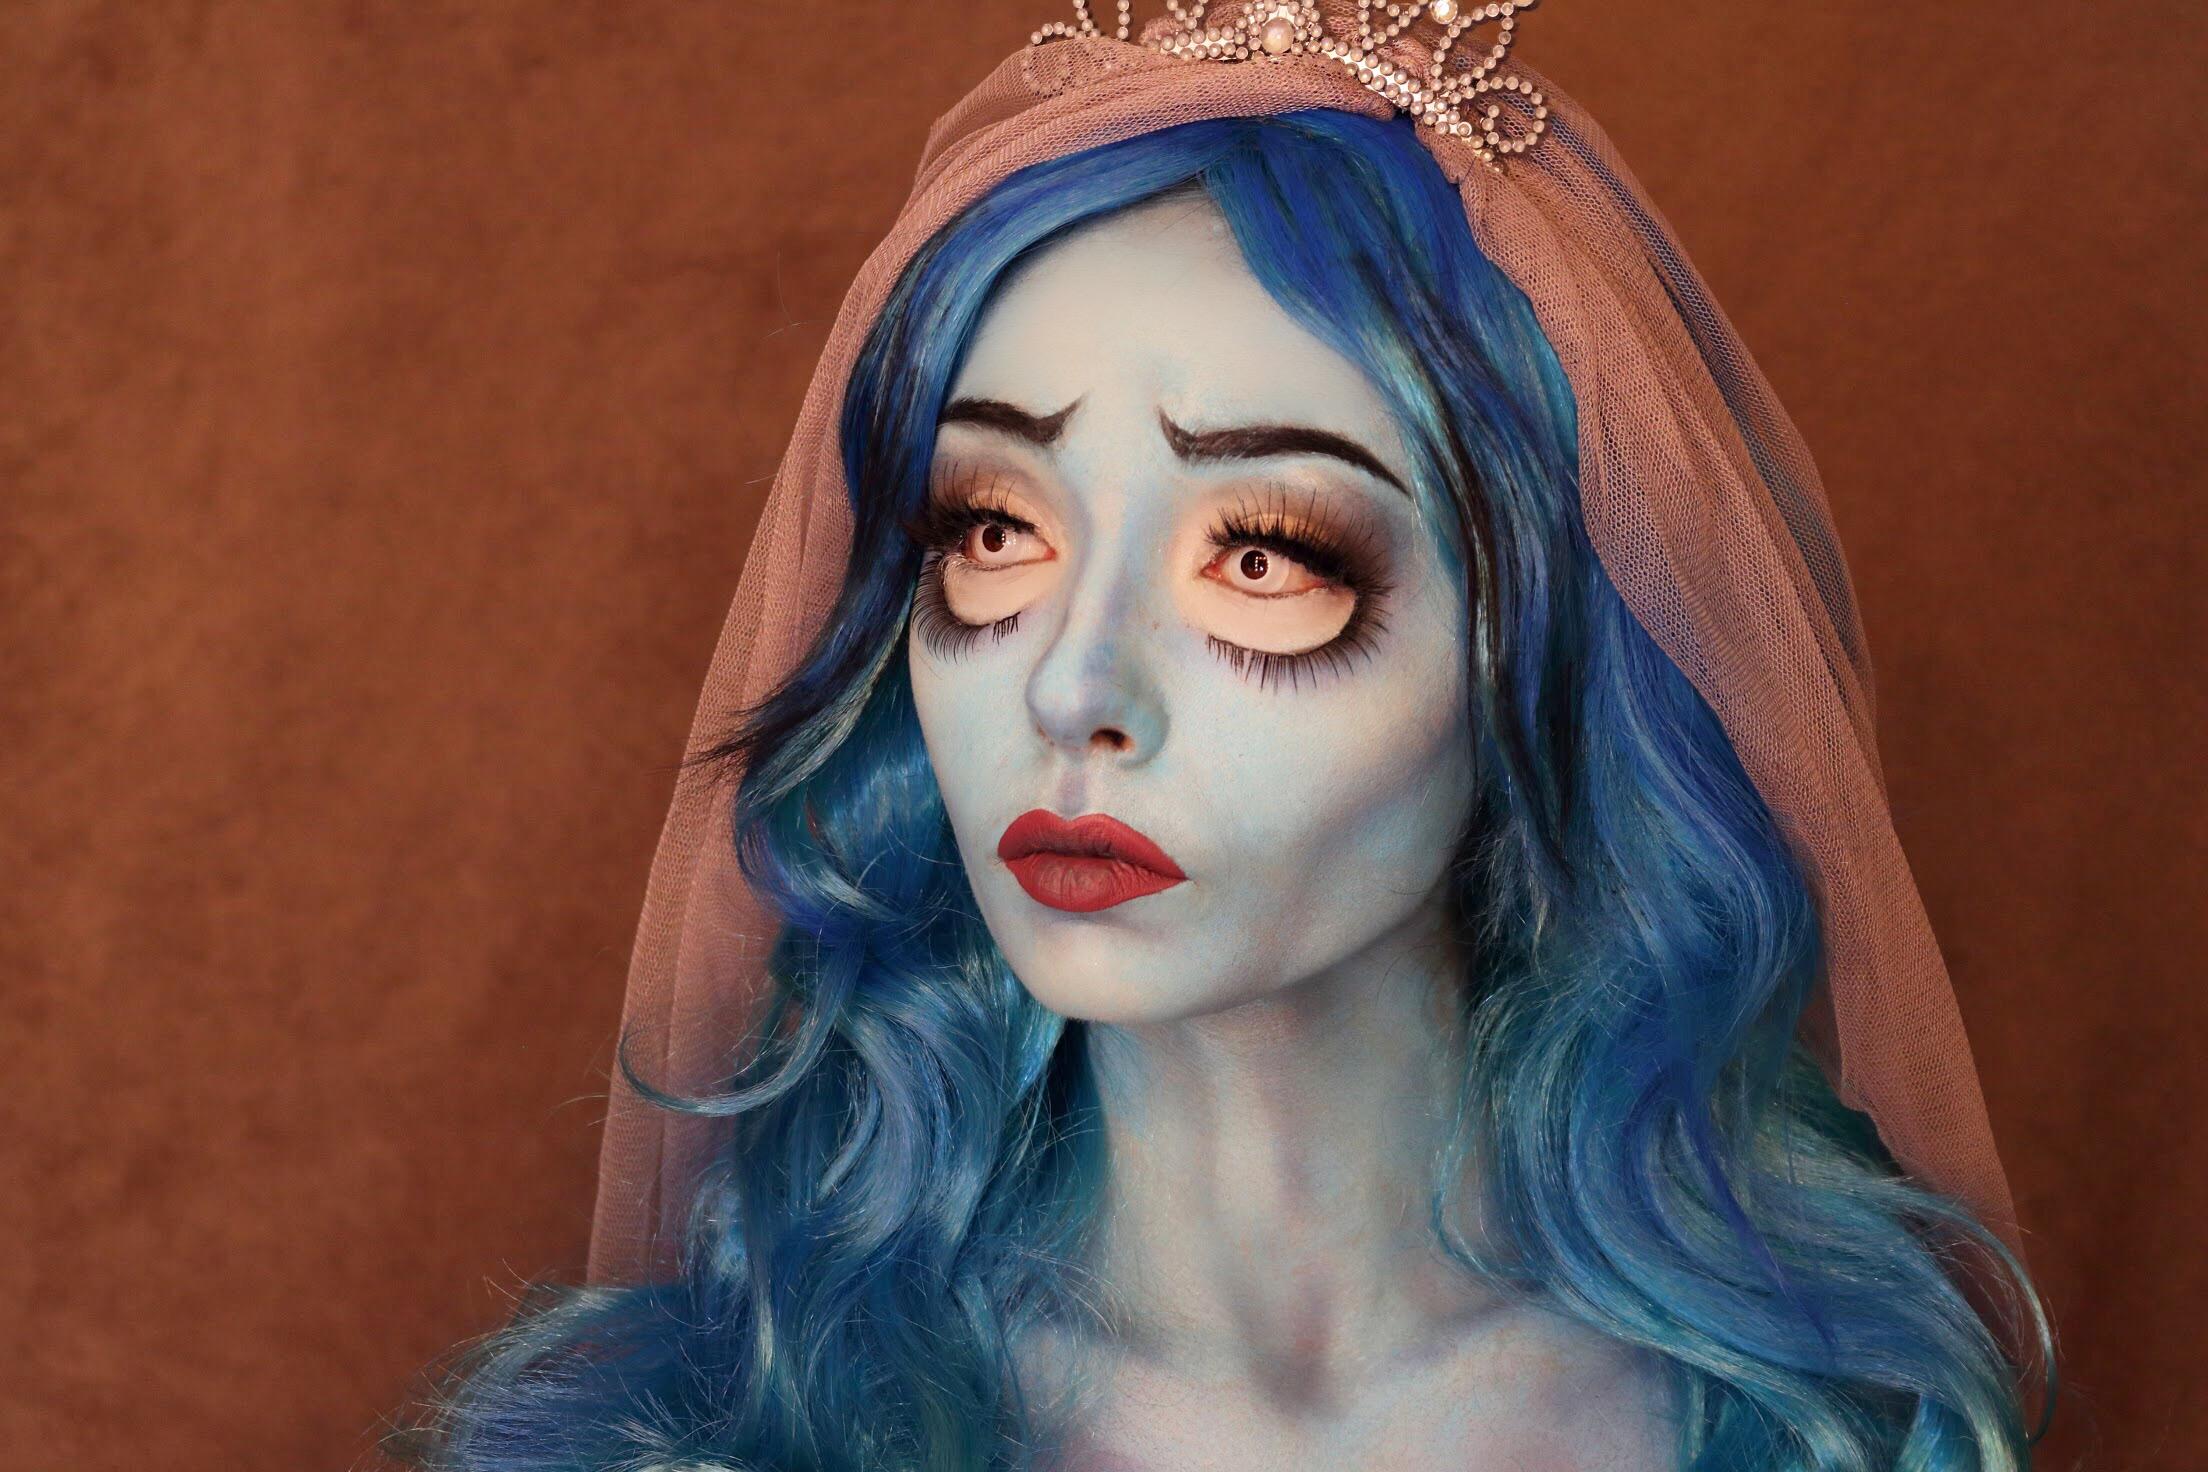 Day#28: Corpse Bride